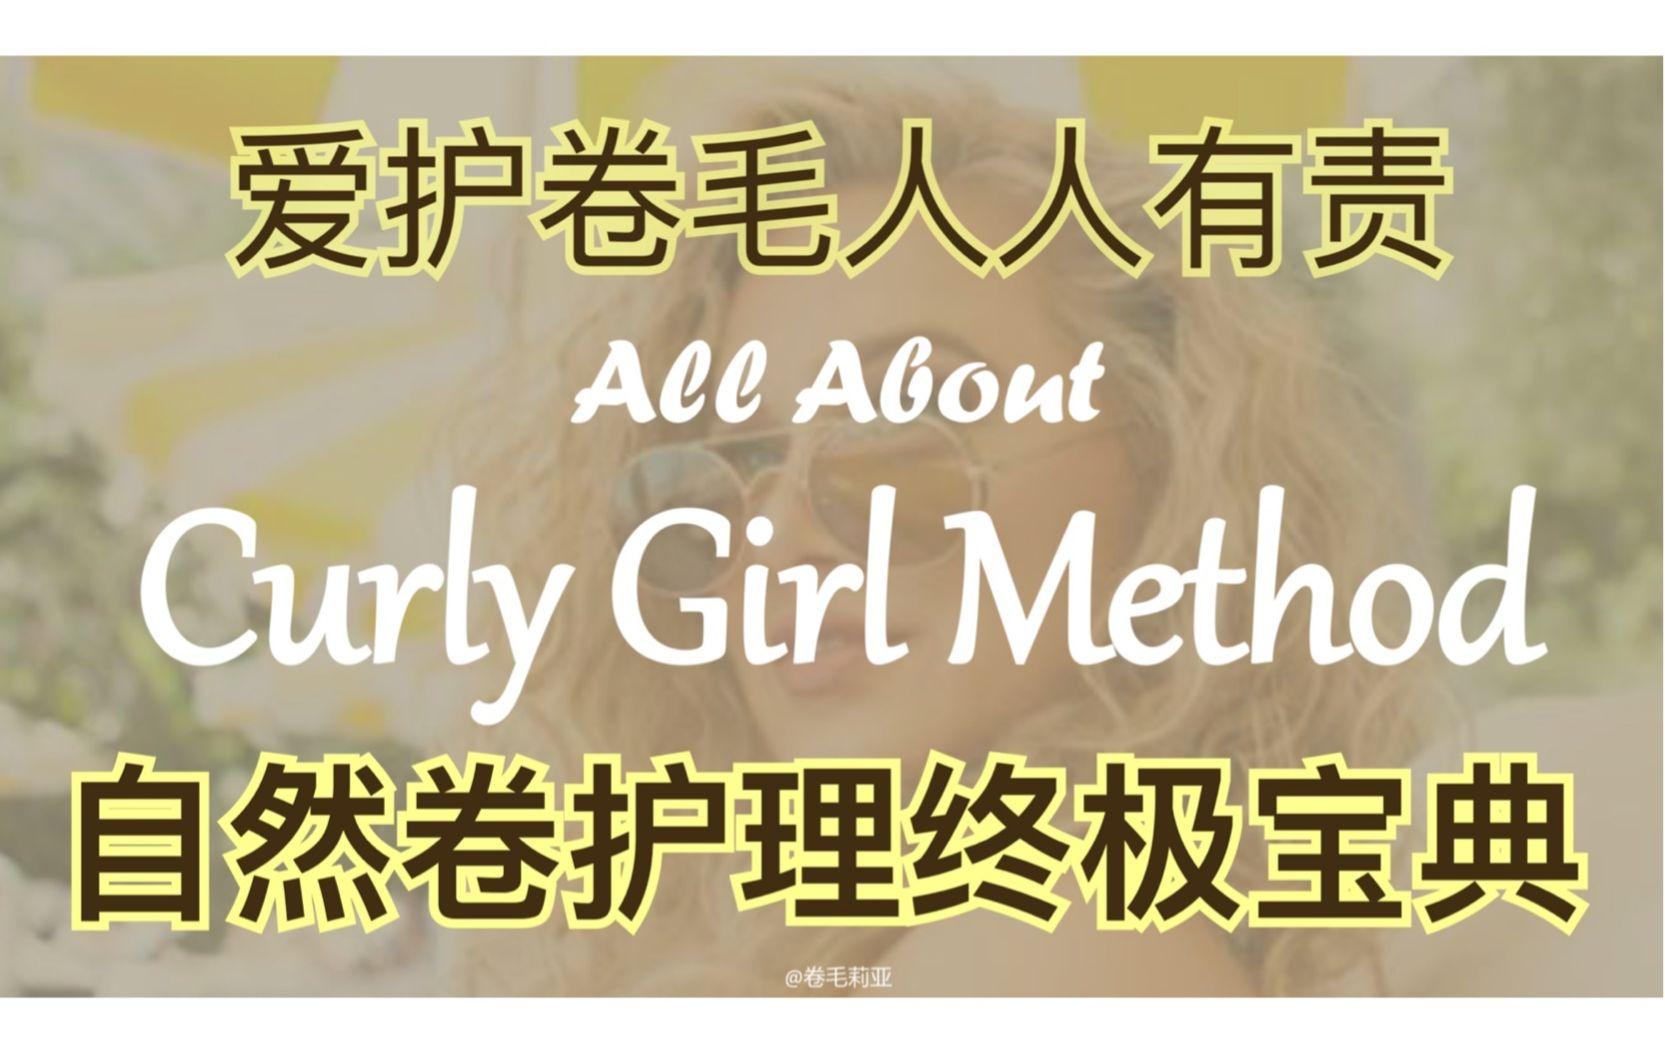 告别沙发炸毛的自然卷护理终极宝典 - 手把手教你如何开始Curly Girl Method并获得美丽柔顺卷发